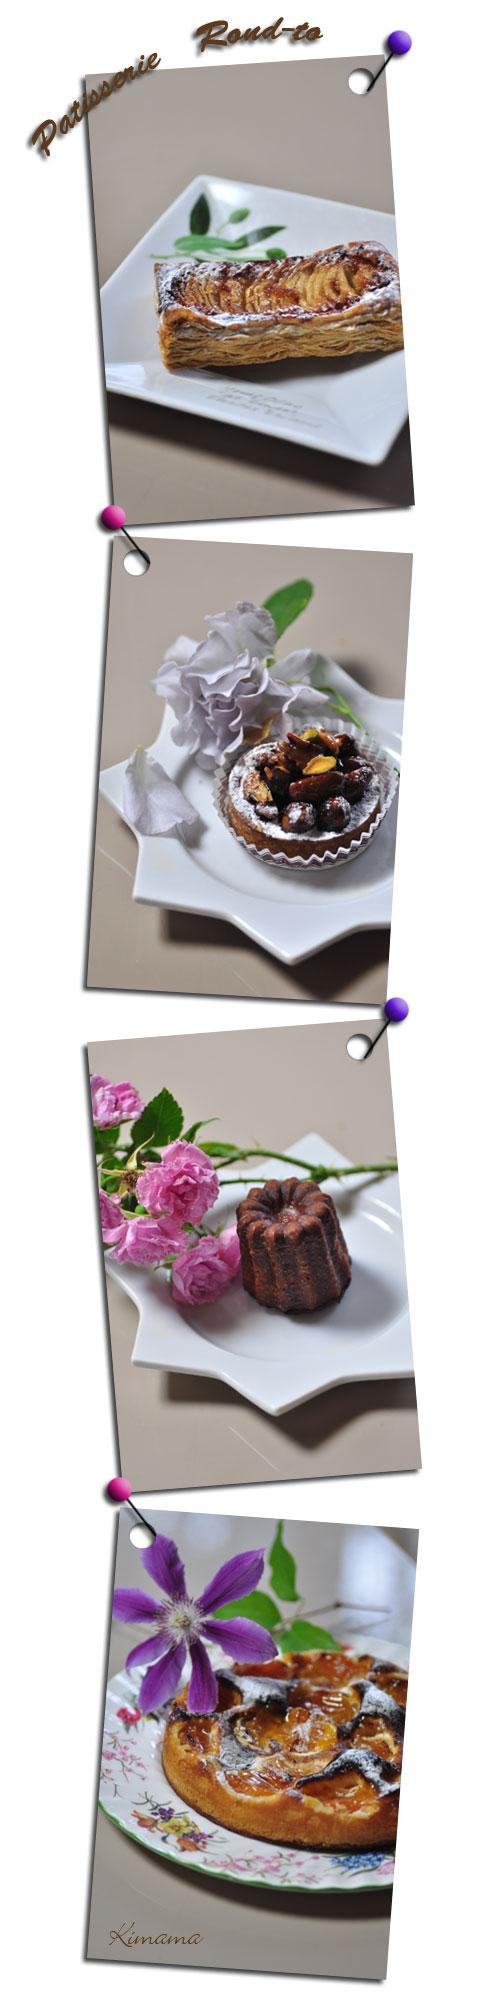 5月30日ロンドのケーキ